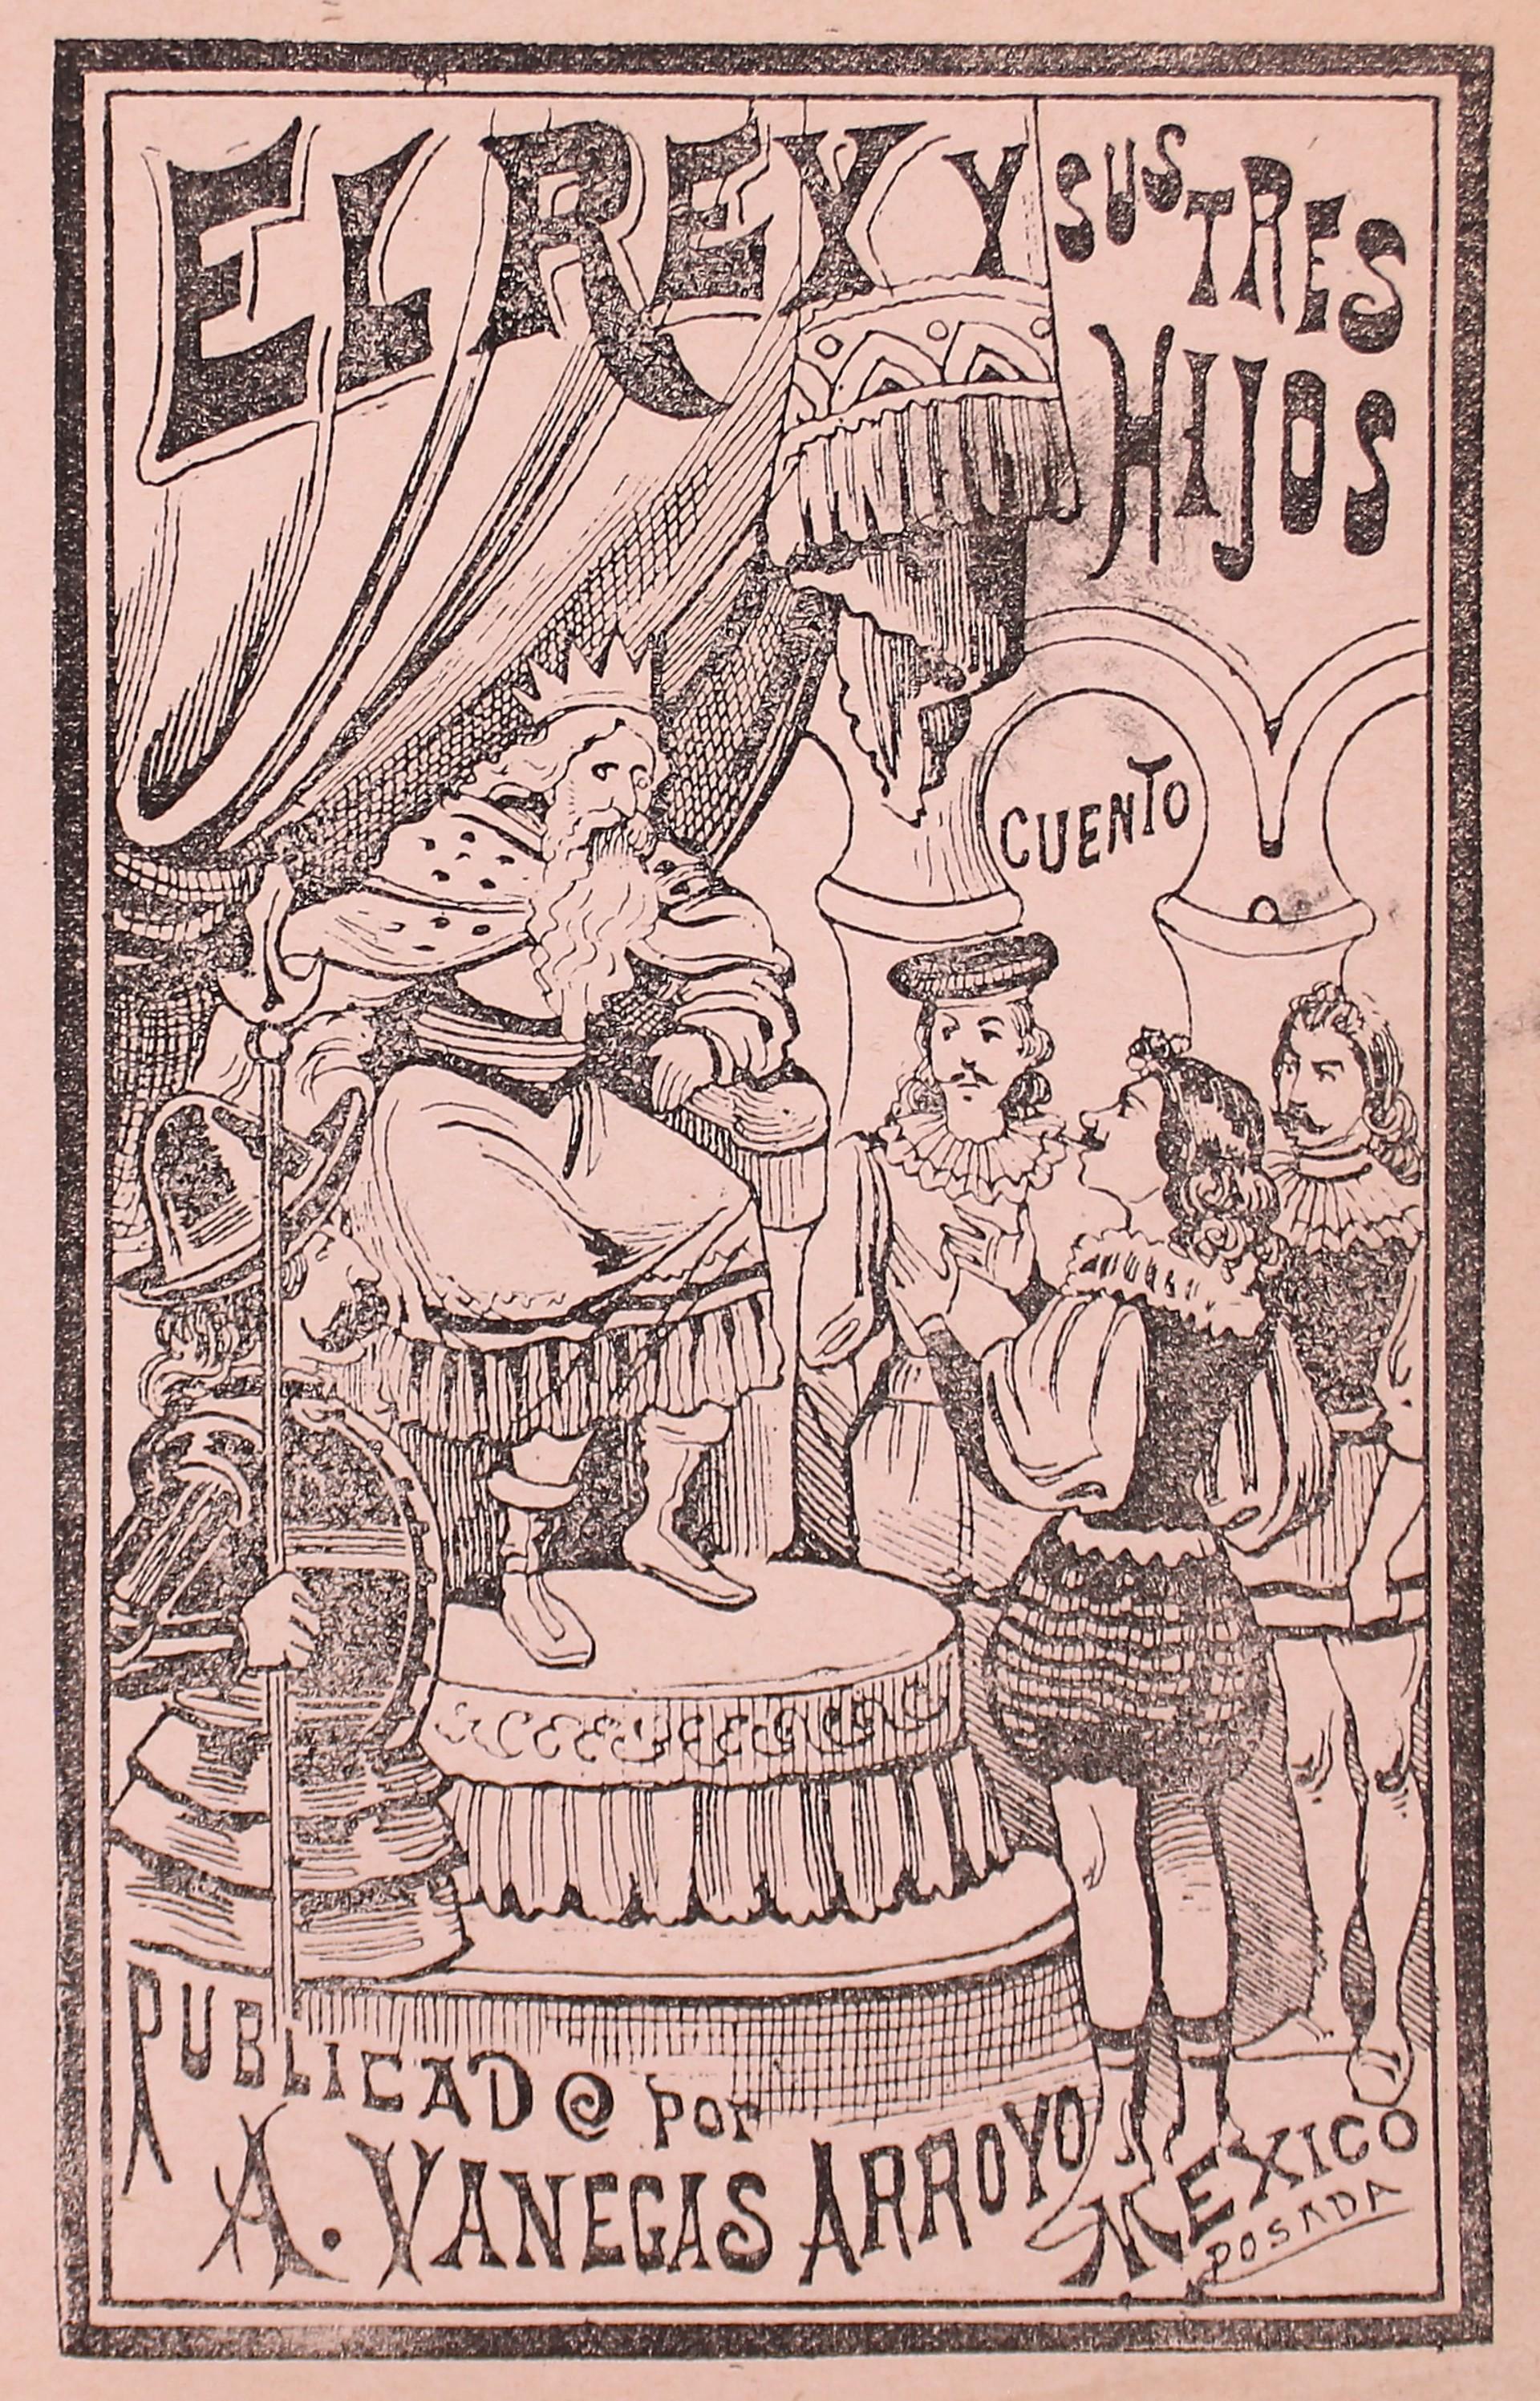 El Rey y Sus Tres Hijos by José Guadalupe Posada (1852 - 1913)